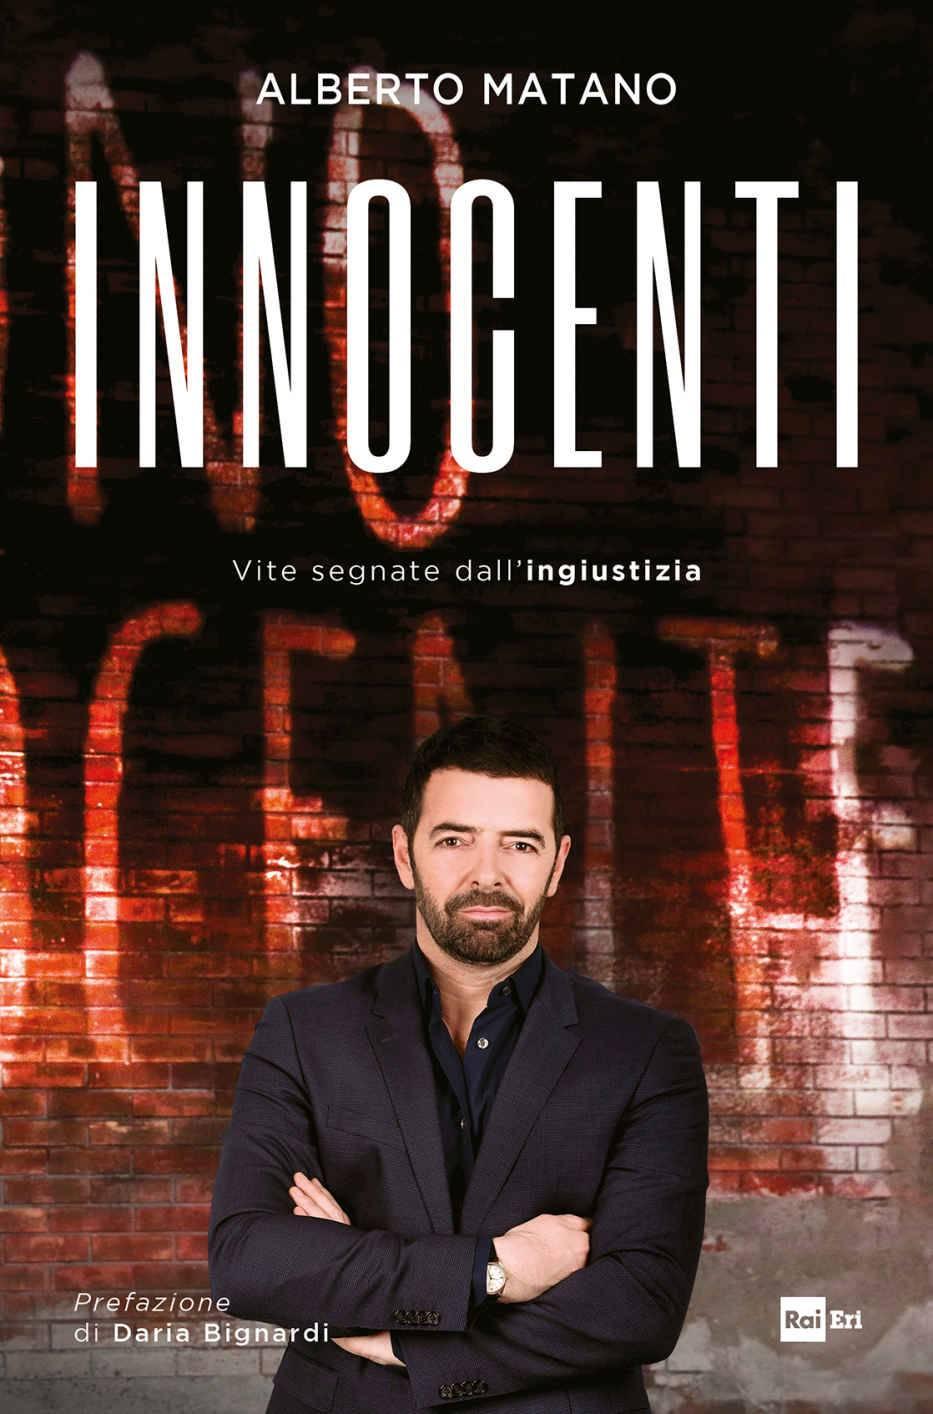 Alberto Matano - Innocenti. Vite segnate dall'ingiustizia